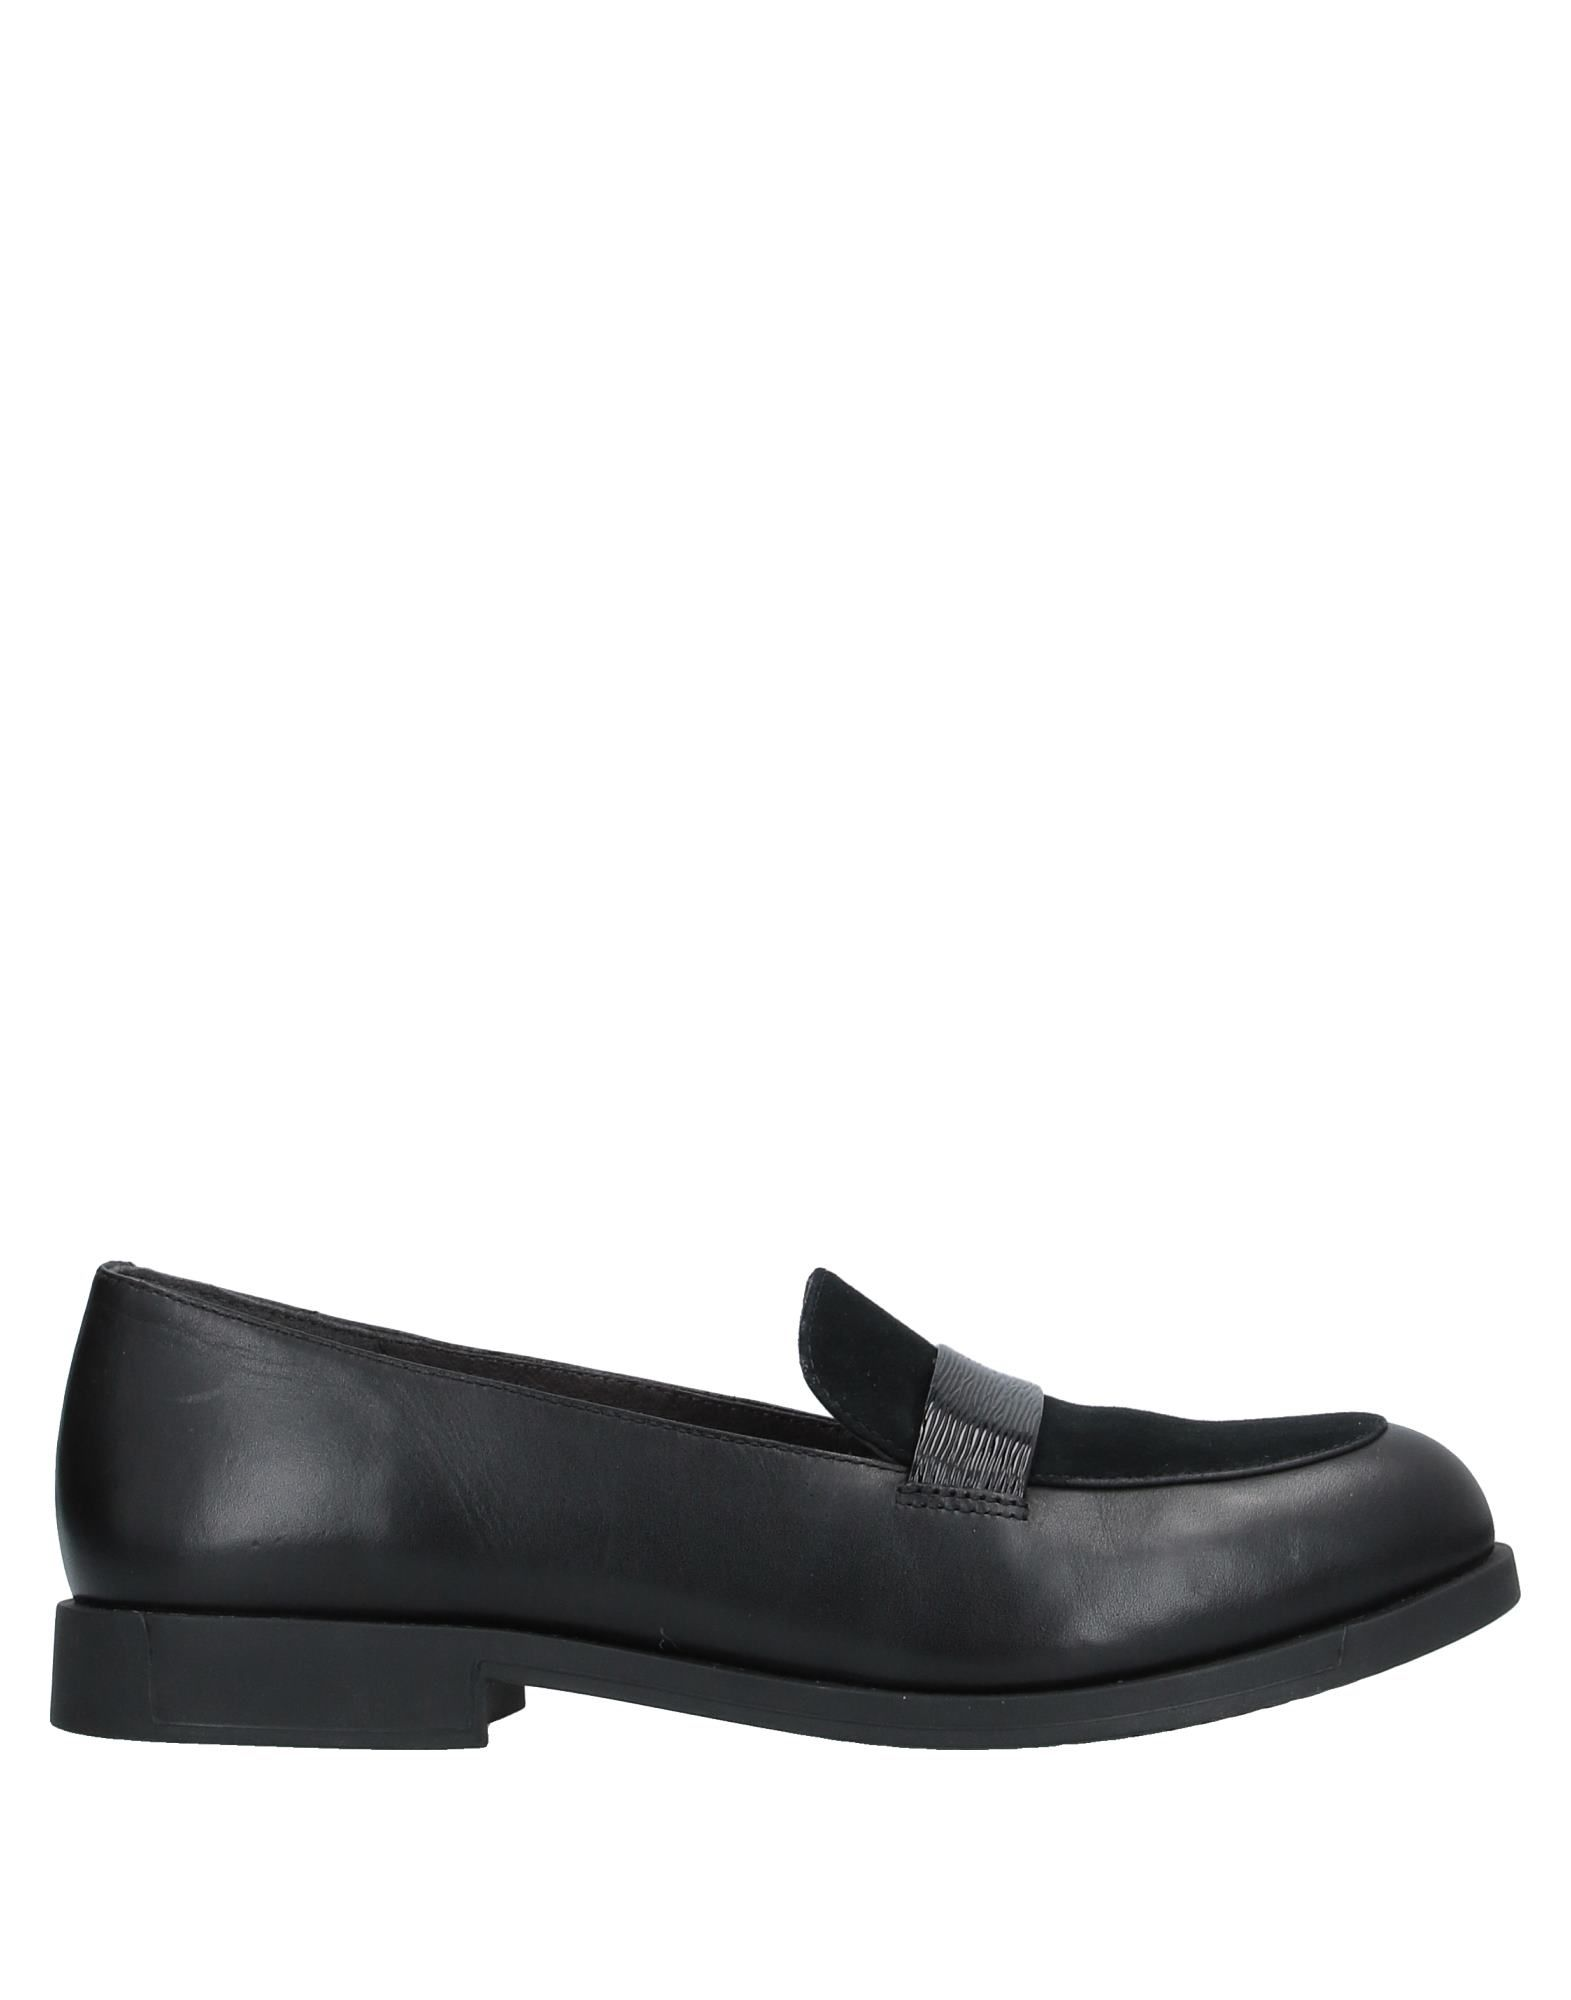 мужские кожаные сандалии купить в москве